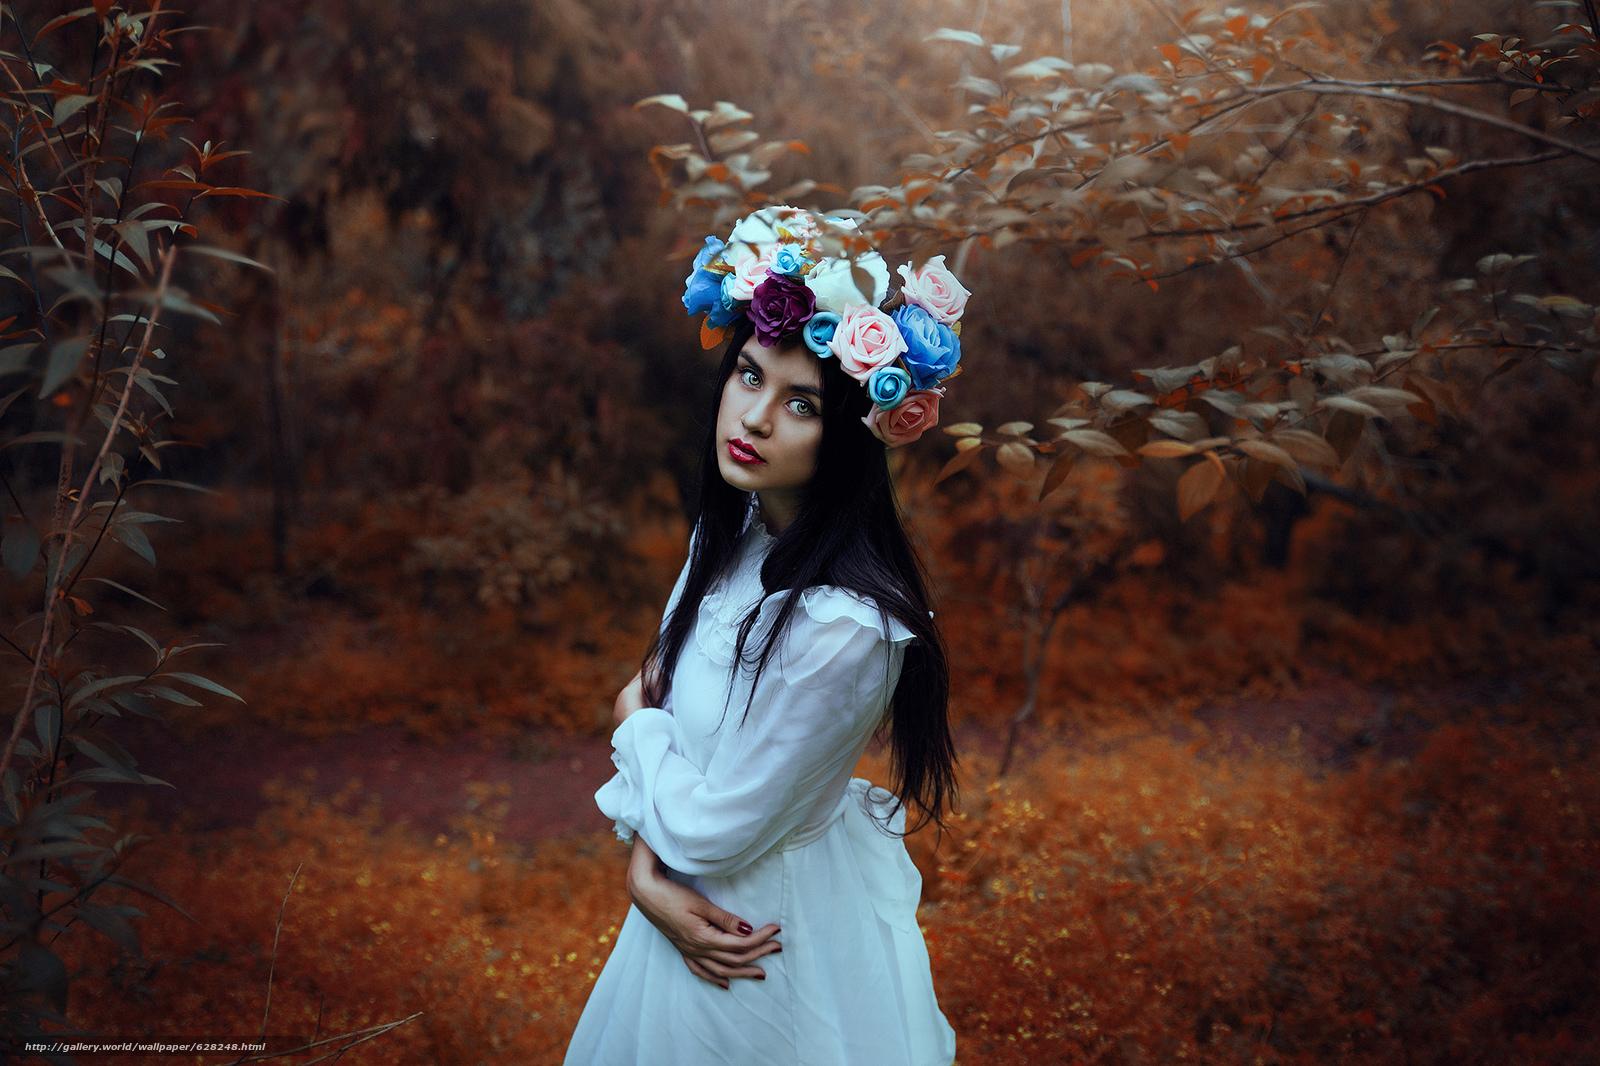 Скачать на телефон обои фото картинку на тему девушка, настроение, взгляд, венок, цветы, лес, разширение 2048x1365